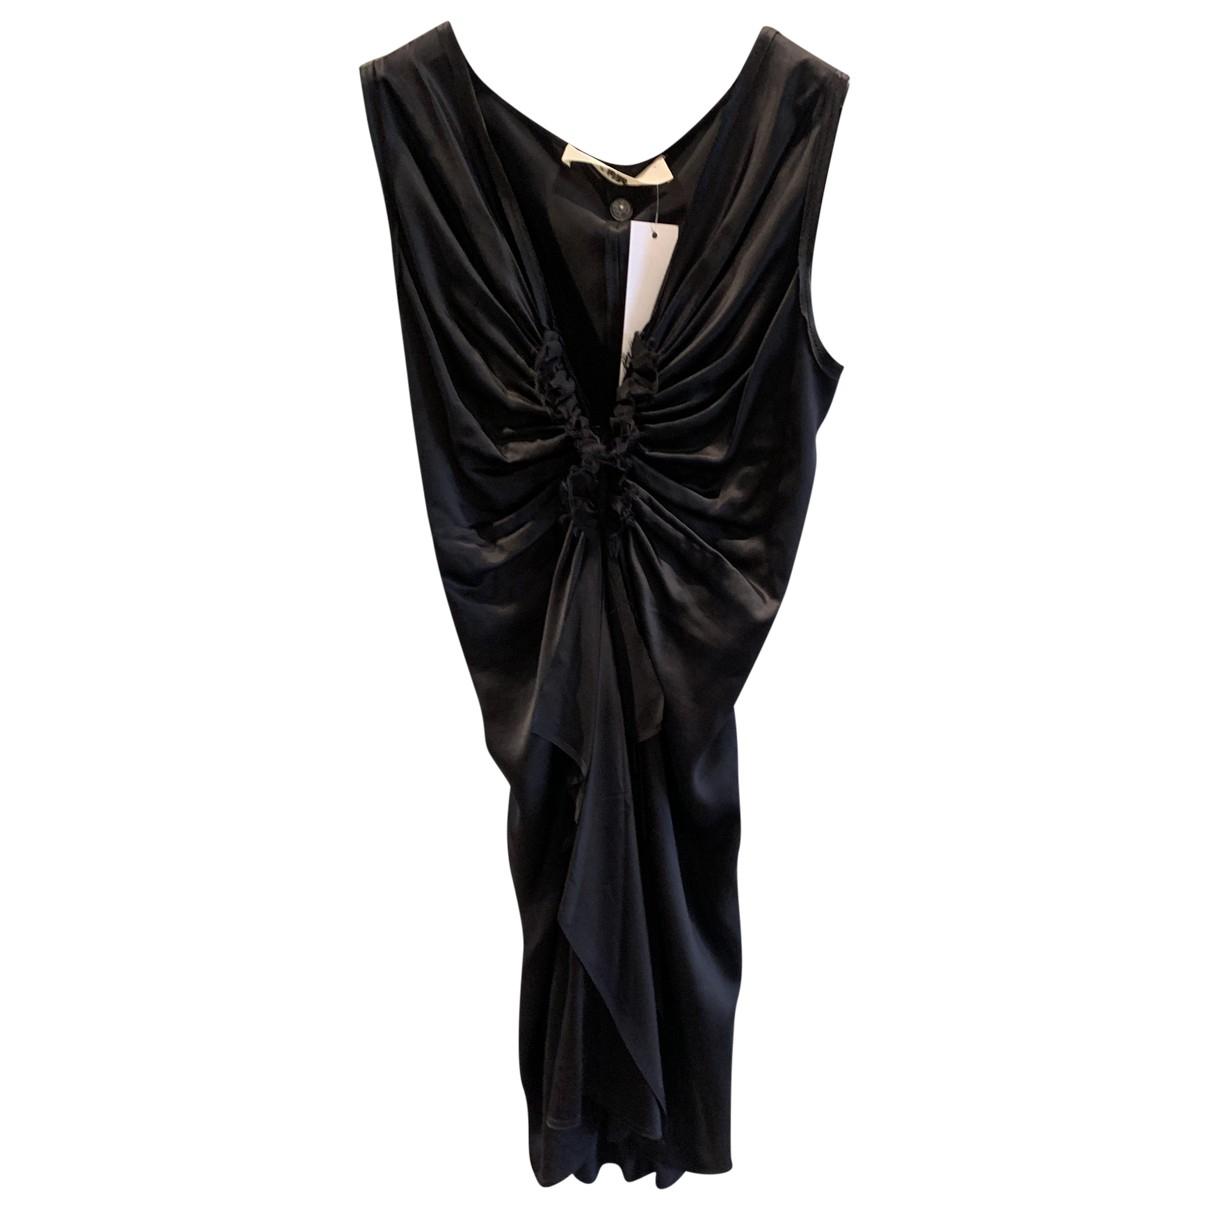 Lanvin \N Black Silk dress for Women 38 IT